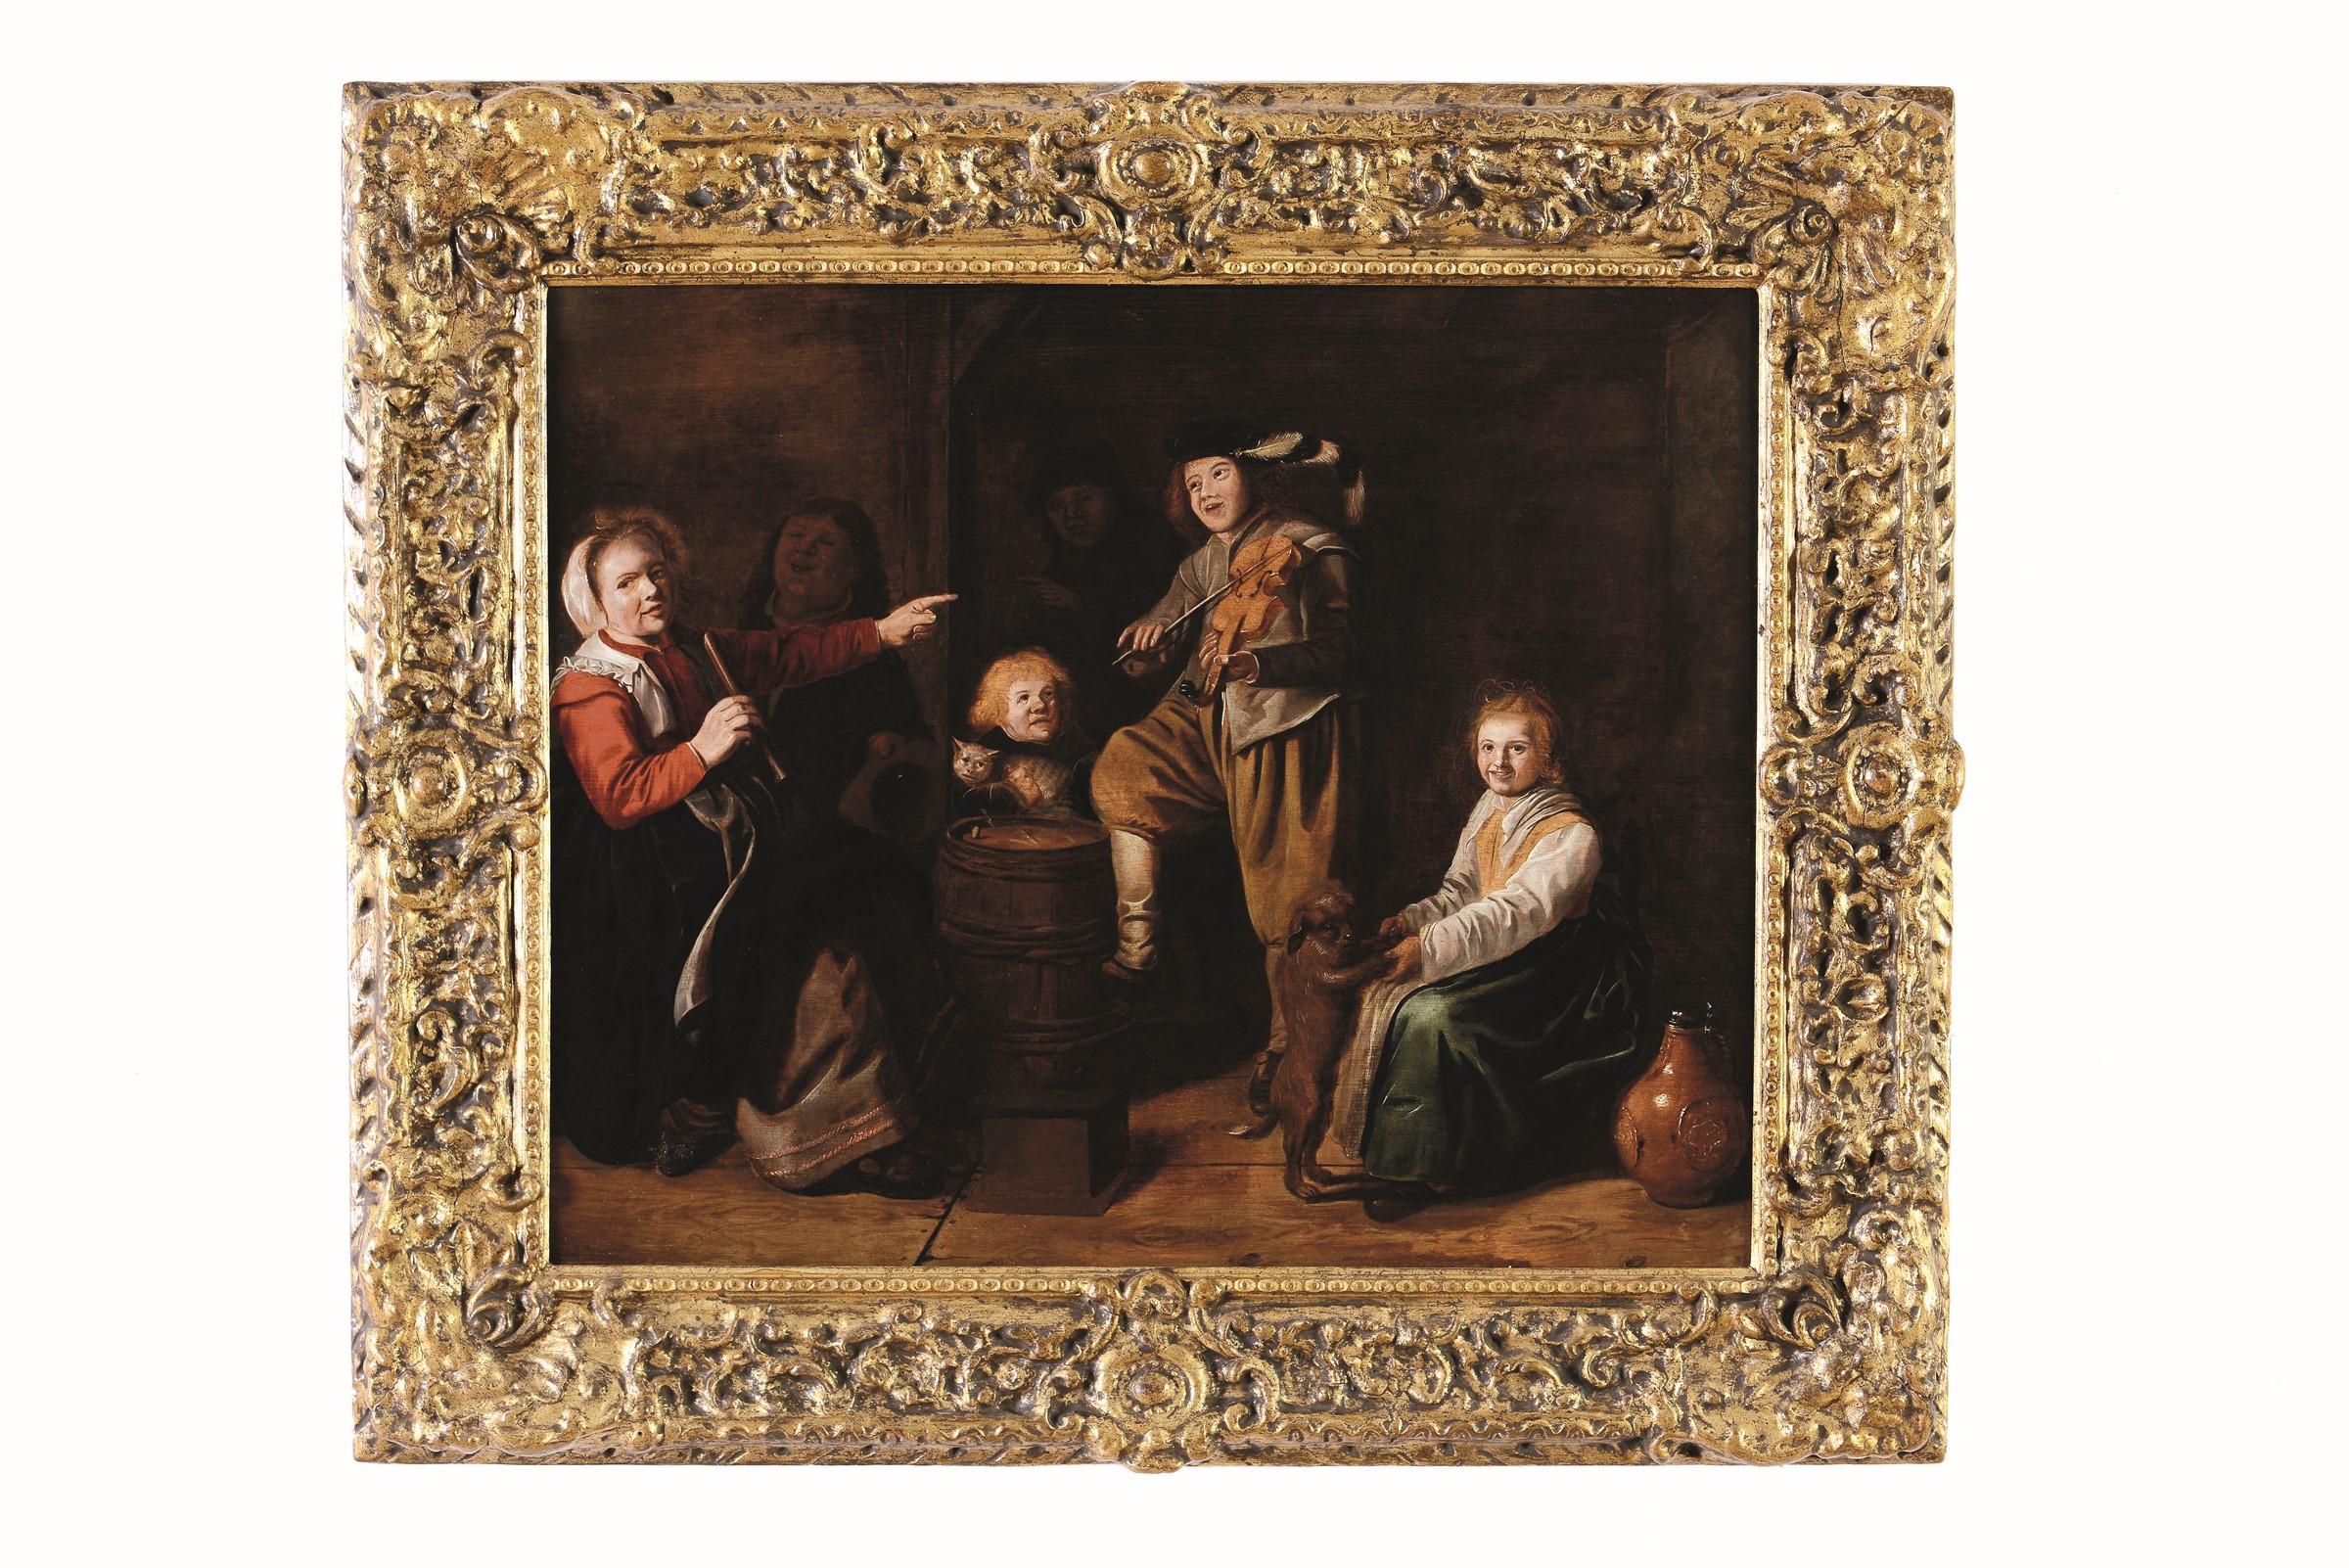 Lot 60 - Jan Miense Molenaer (Haarlem 1610-1668), Interno con ragazzi che suonano - olio su [...]